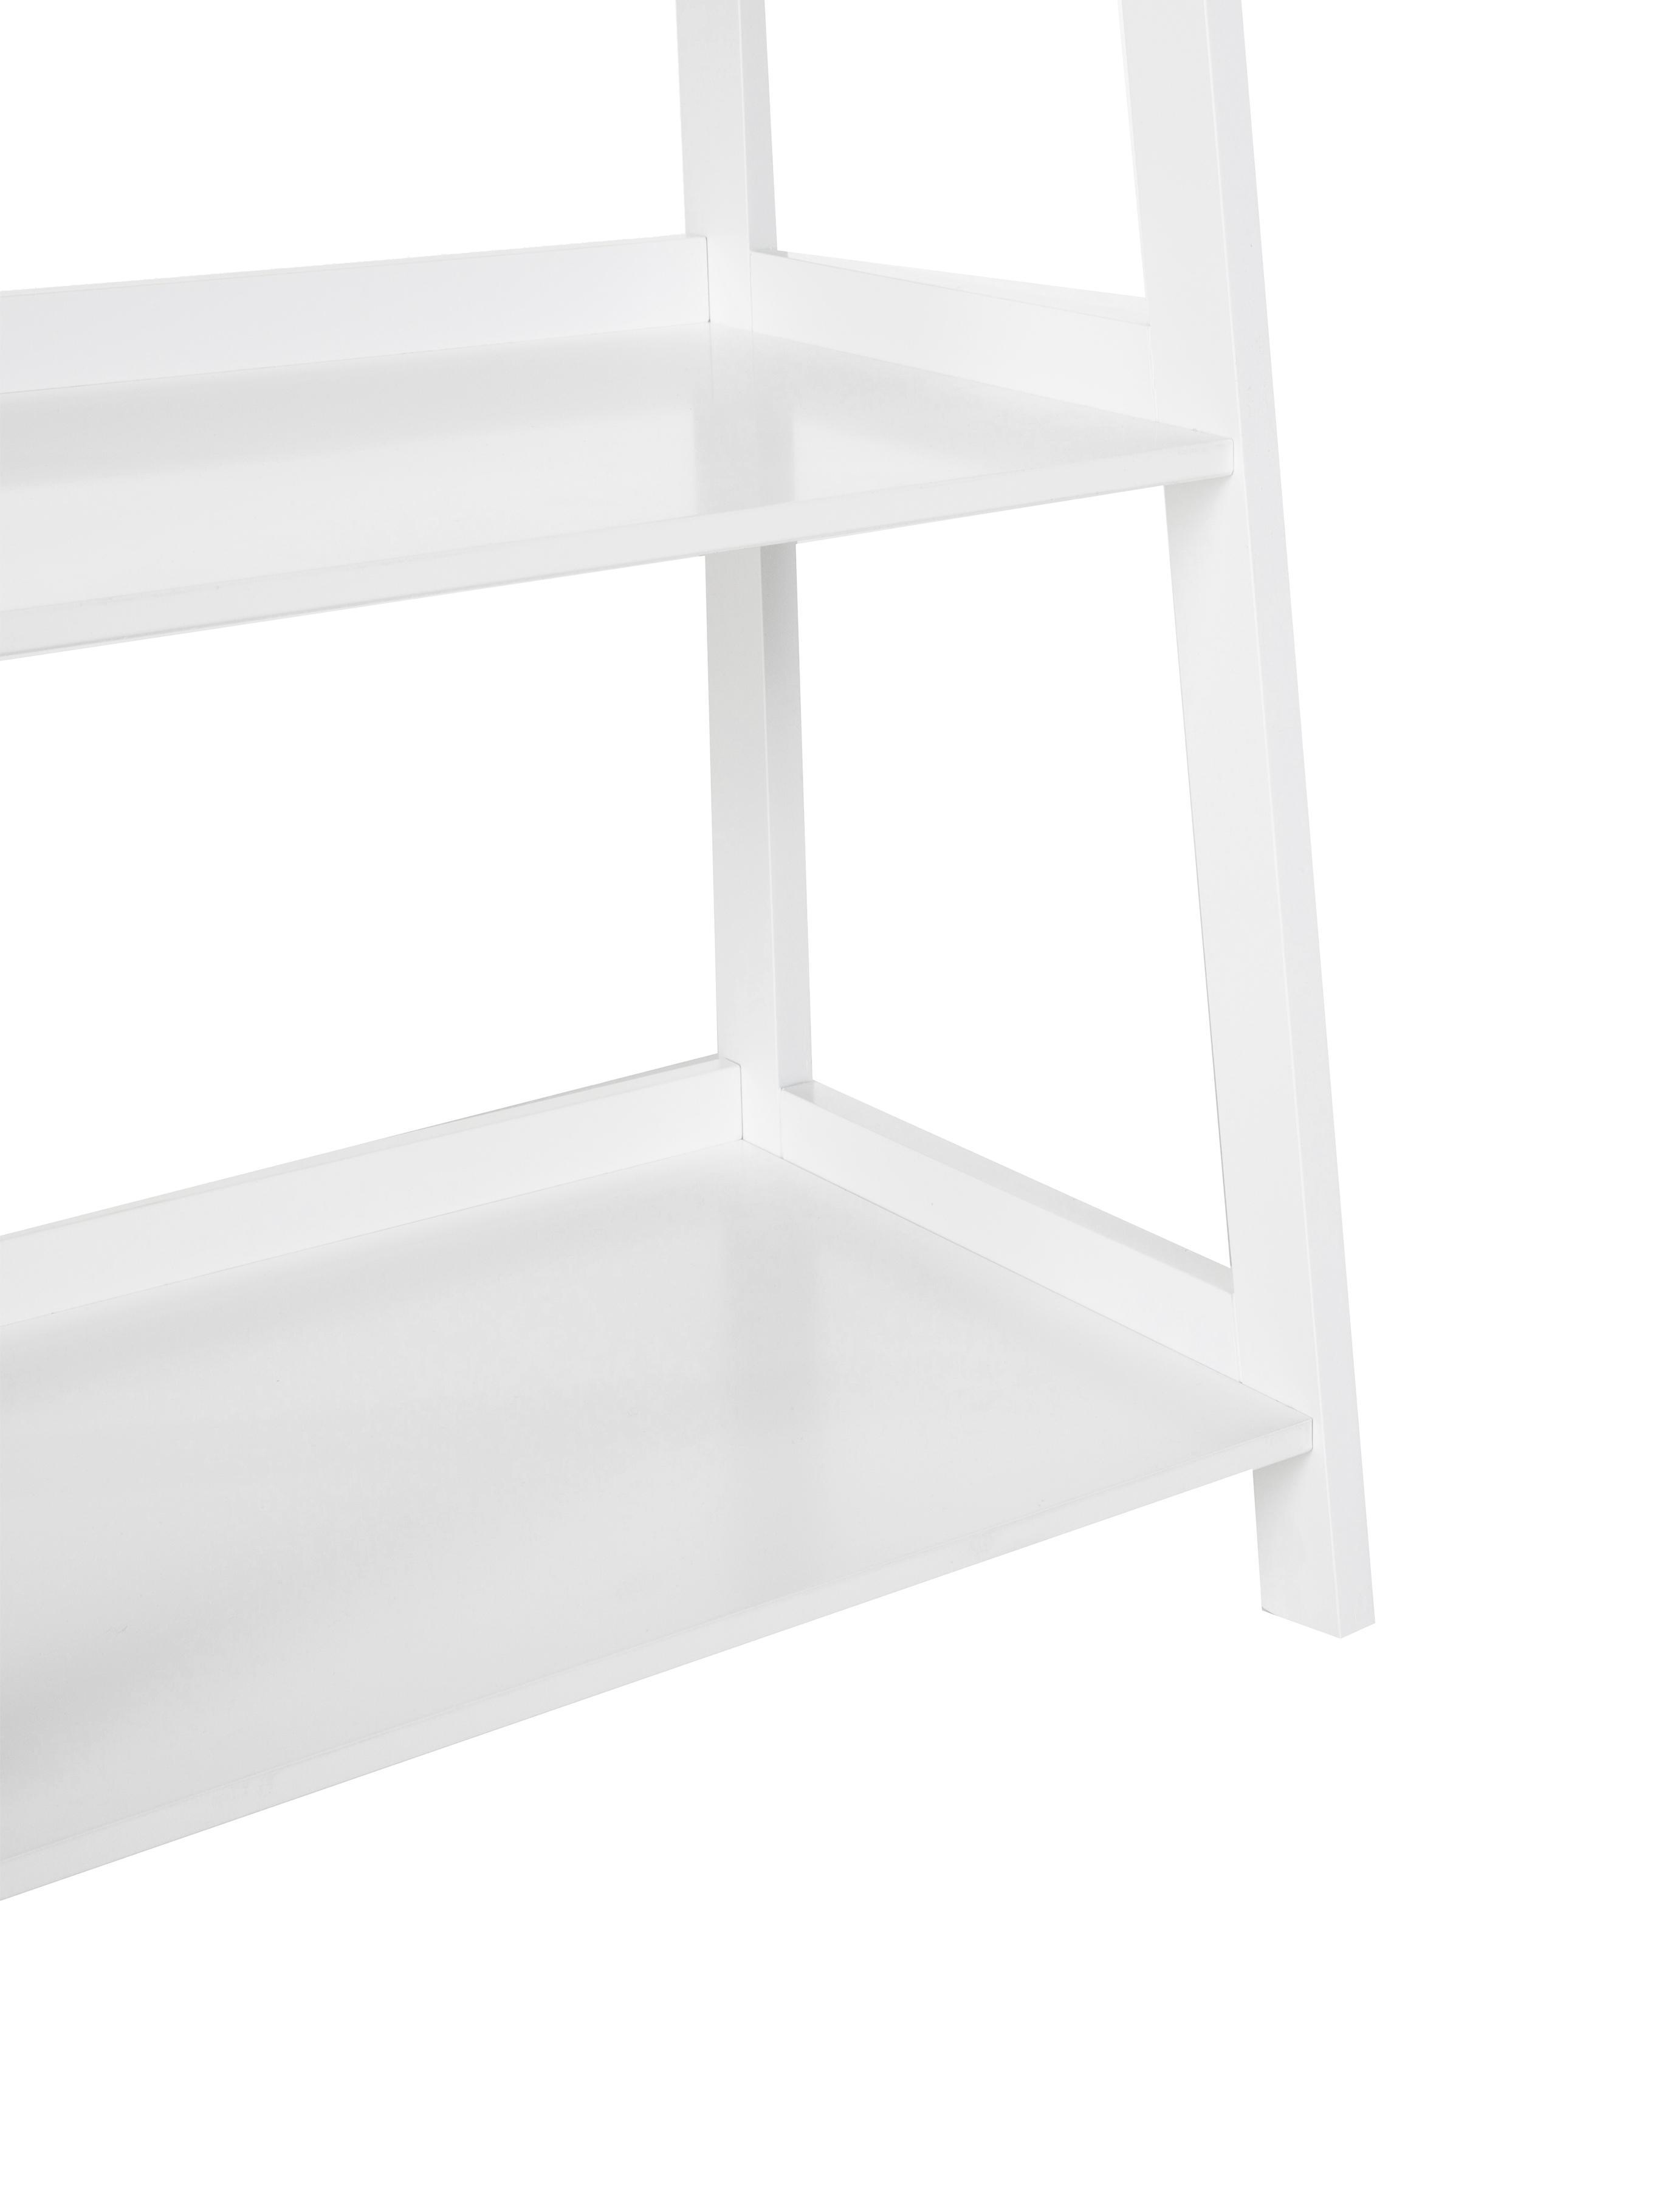 Standregal Wally in Weiss, Mitteldichte Holzfaserplatte (MDF), lackiert, Weiss, hochglanz, 63 x 180 cm